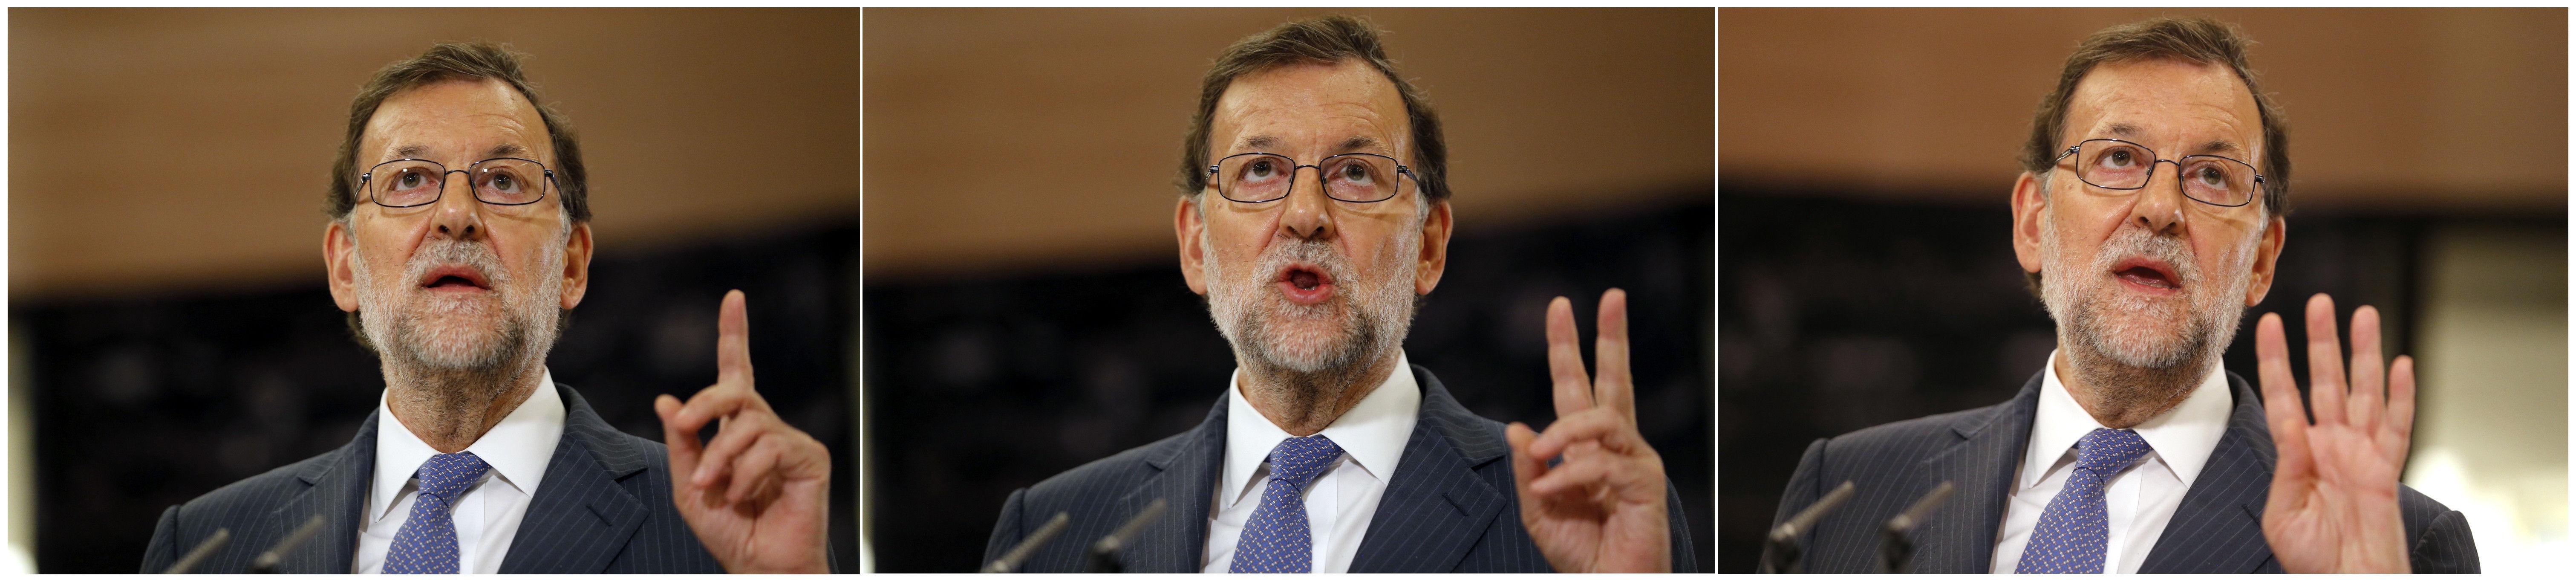 2016-08-09-1470756251-429709-Rajoy.jpg